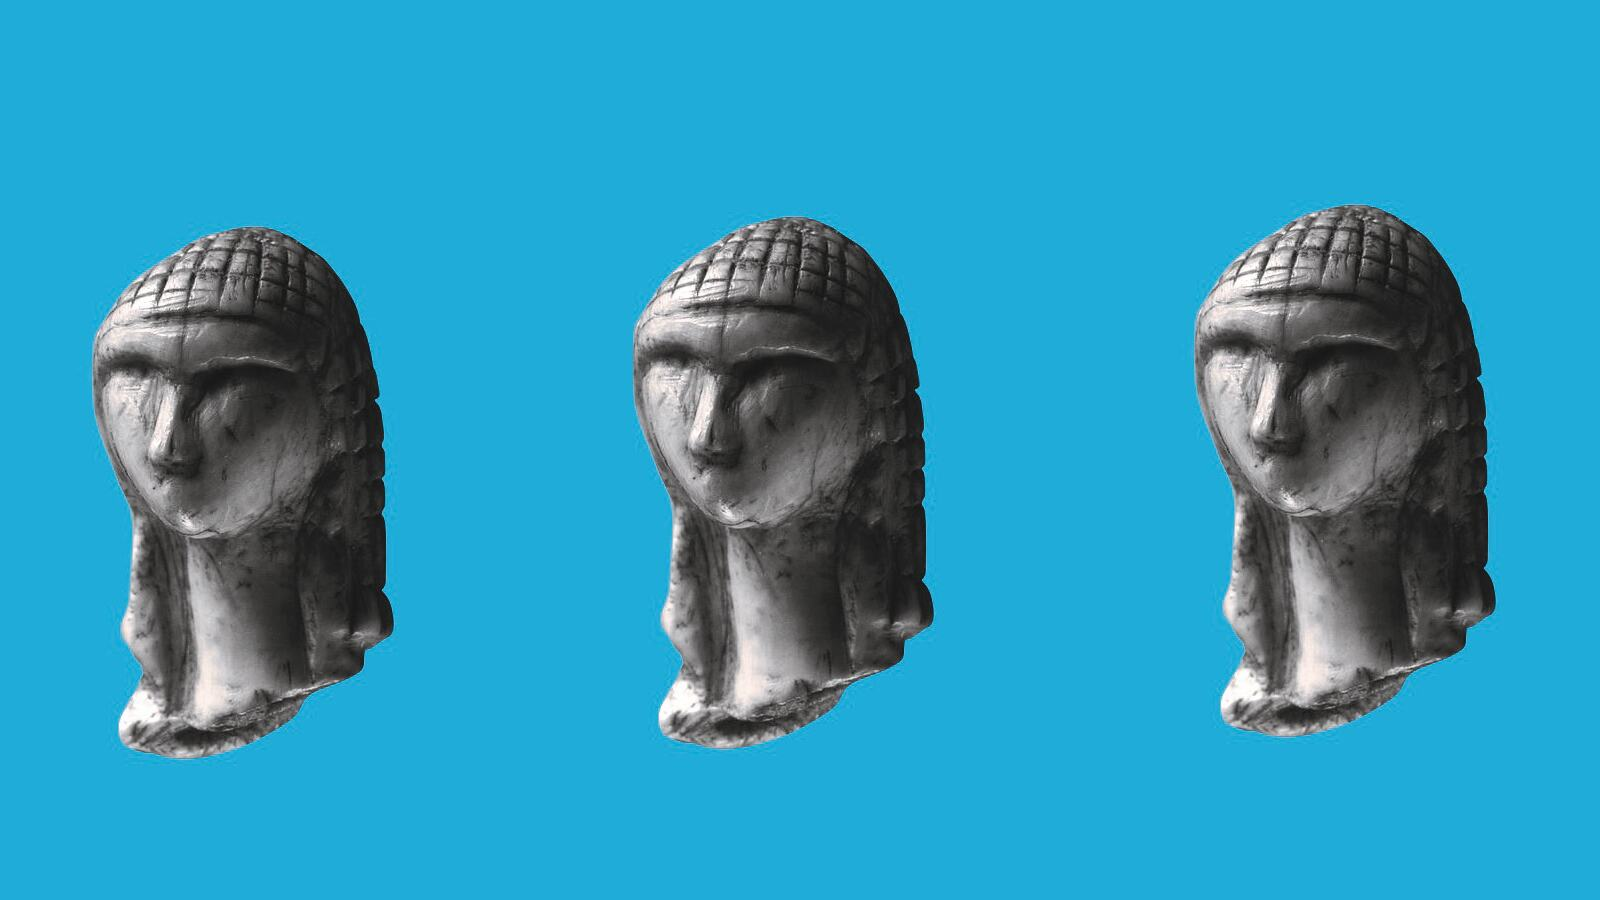 Sapiens, three busts